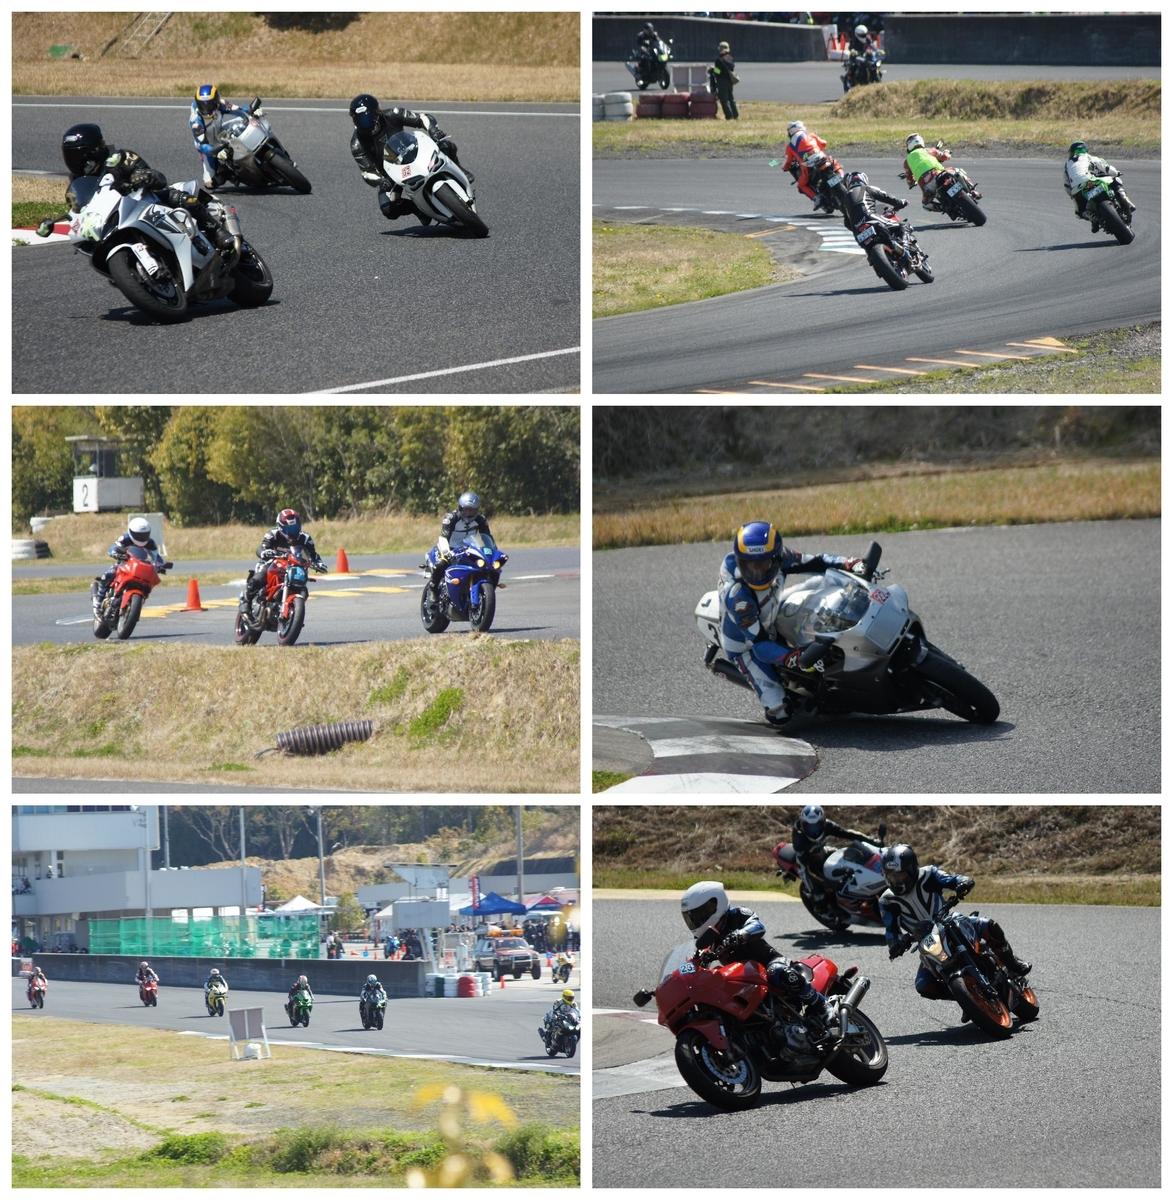 f:id:moto-roo:20190415103153j:plain